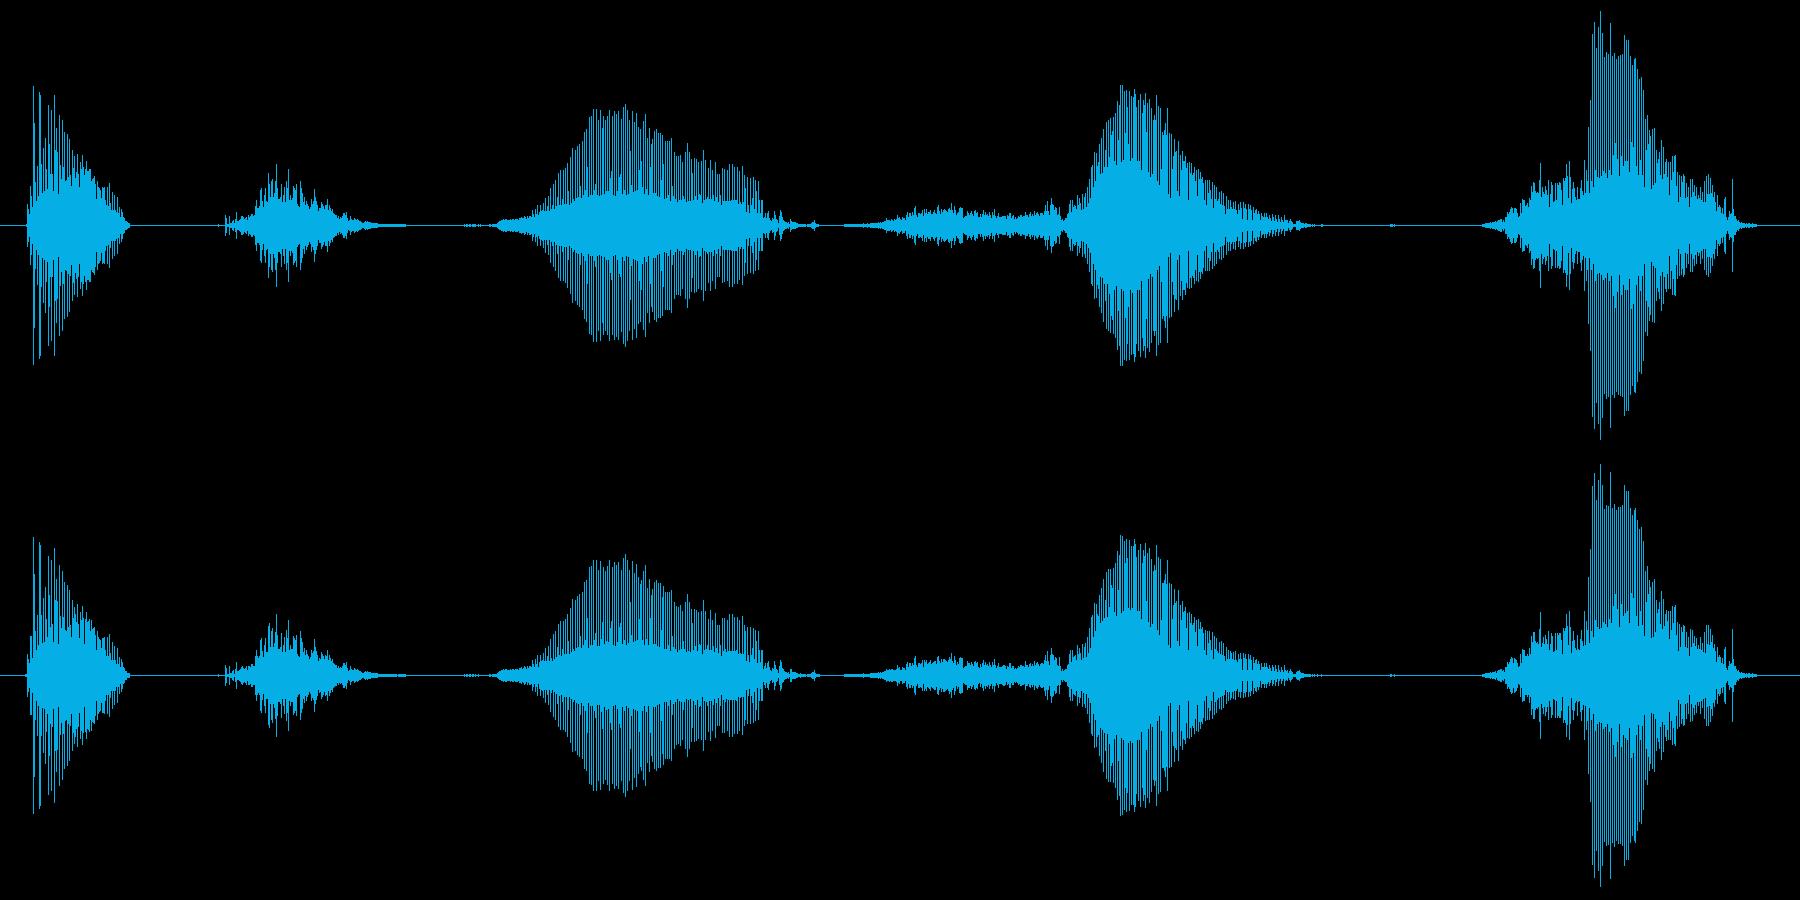 【合図】いち、に、さん、はい!(子供)の再生済みの波形